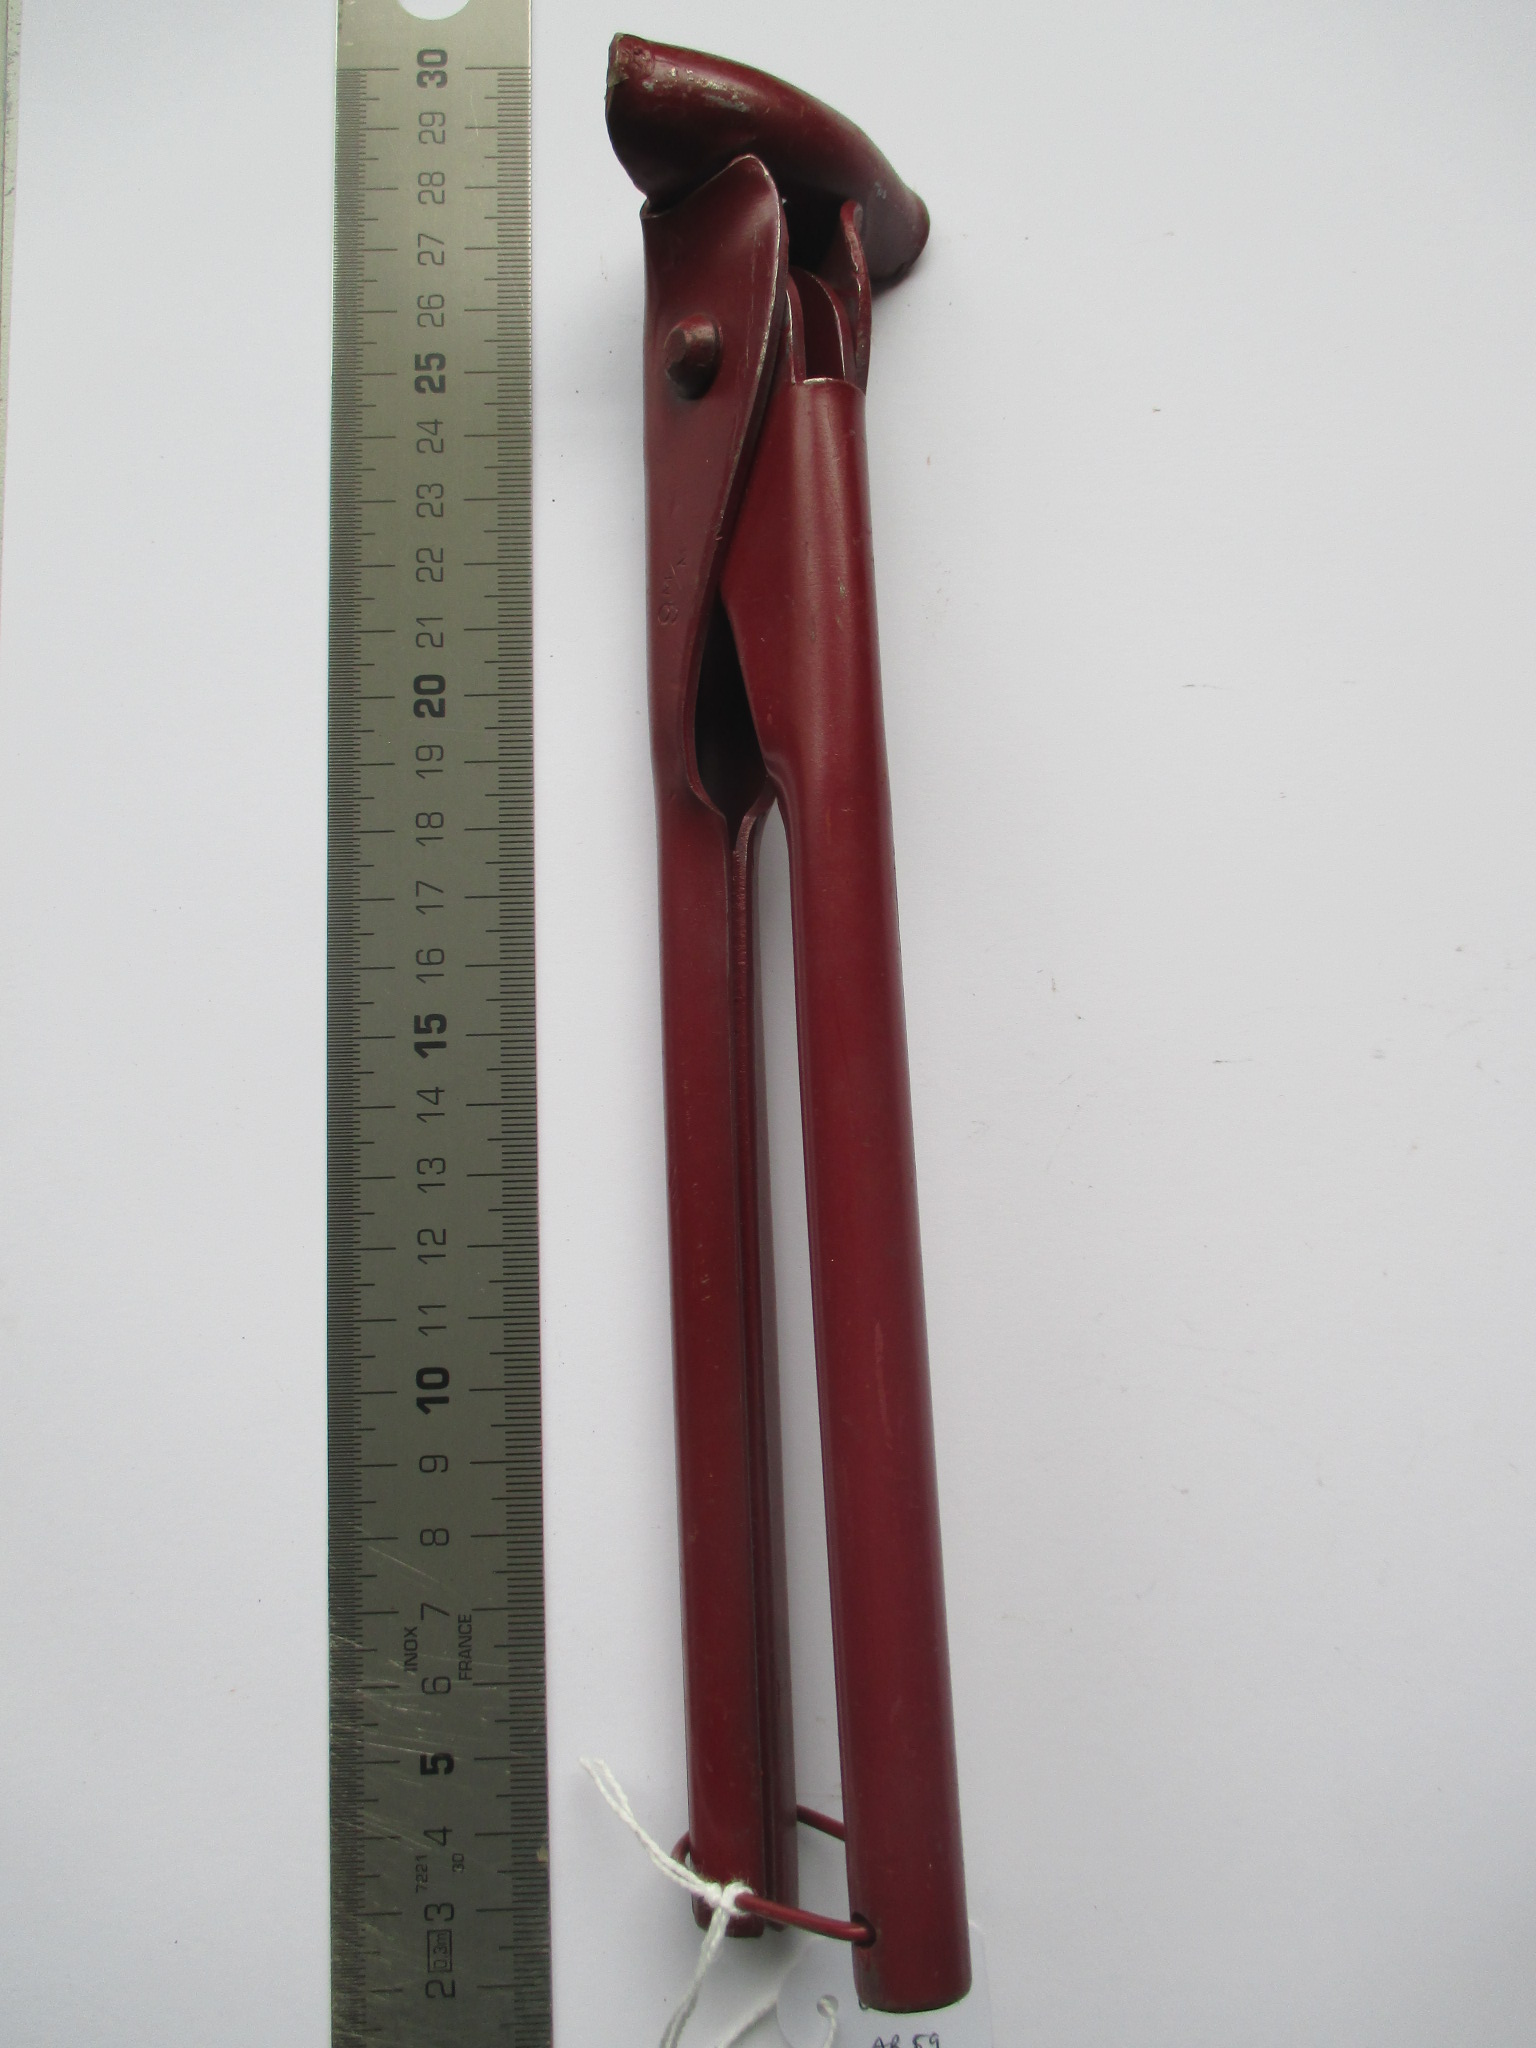 Cortatubos rojo de 9 M/M